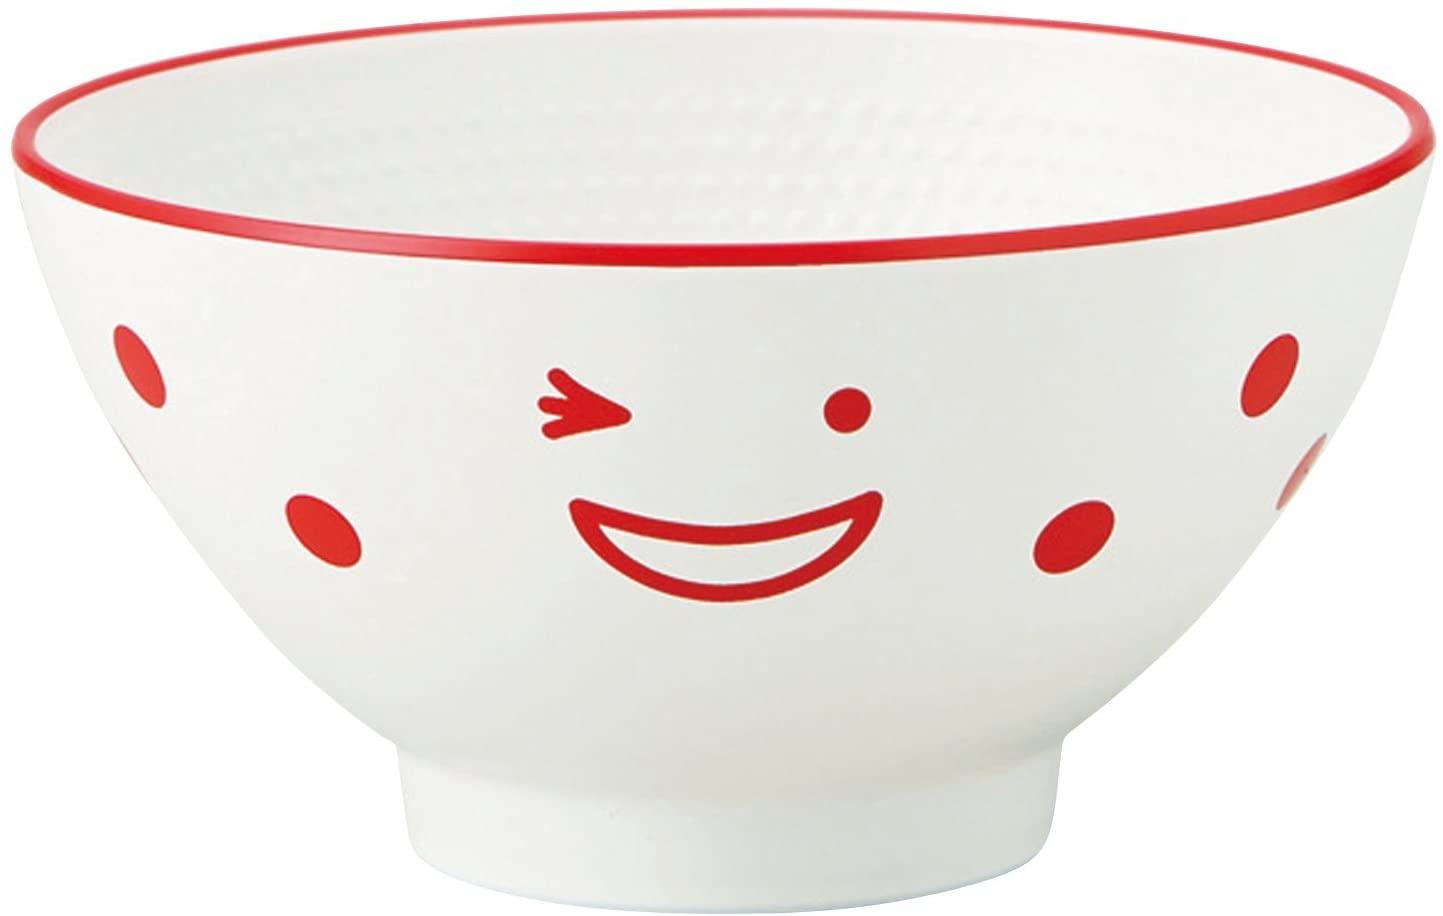 子ども用の茶碗おすすめ20選!食べ残しにくいイラスト入りも